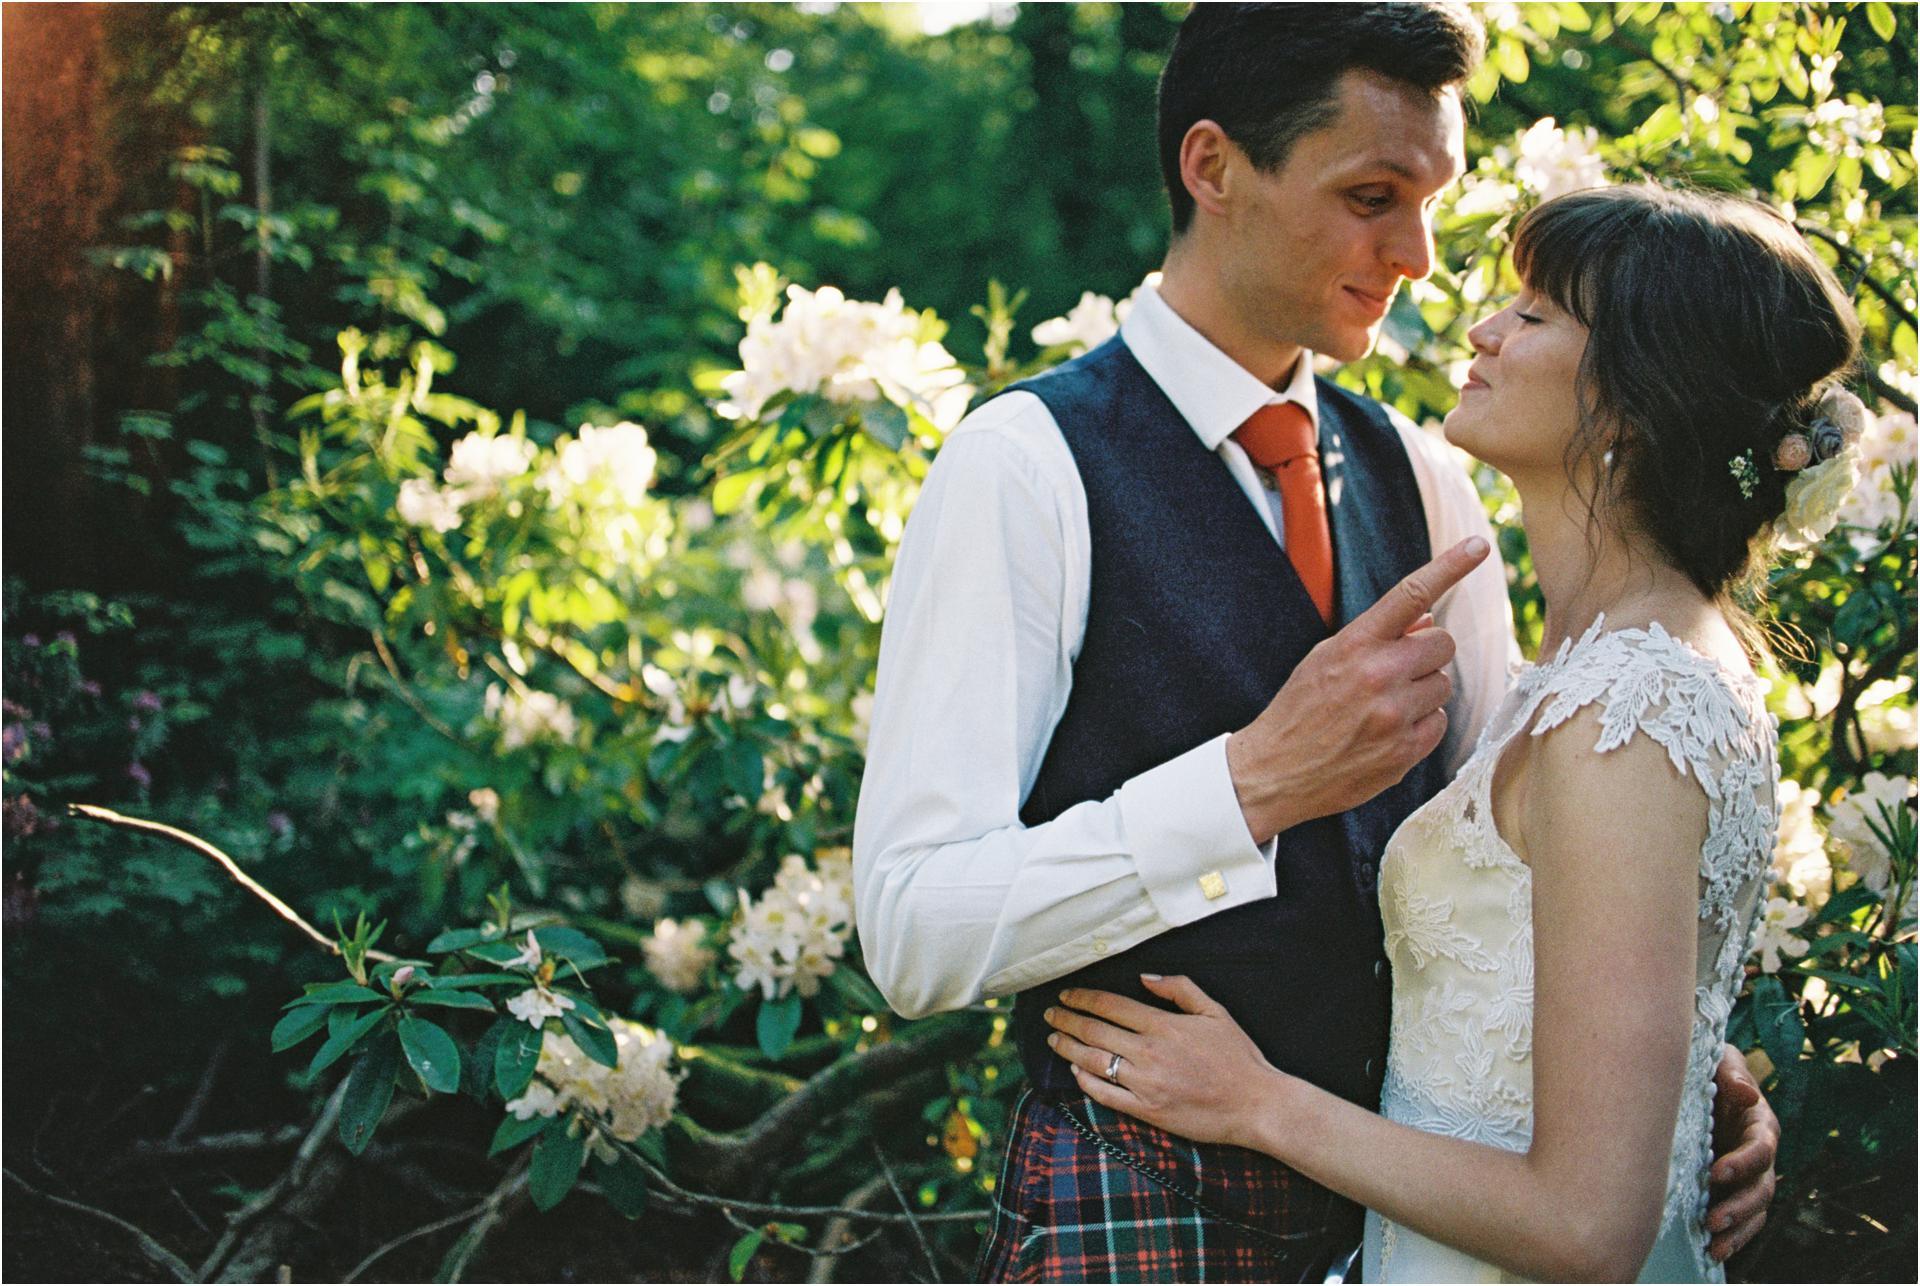 weddingsonfilmphotosbyzoe103